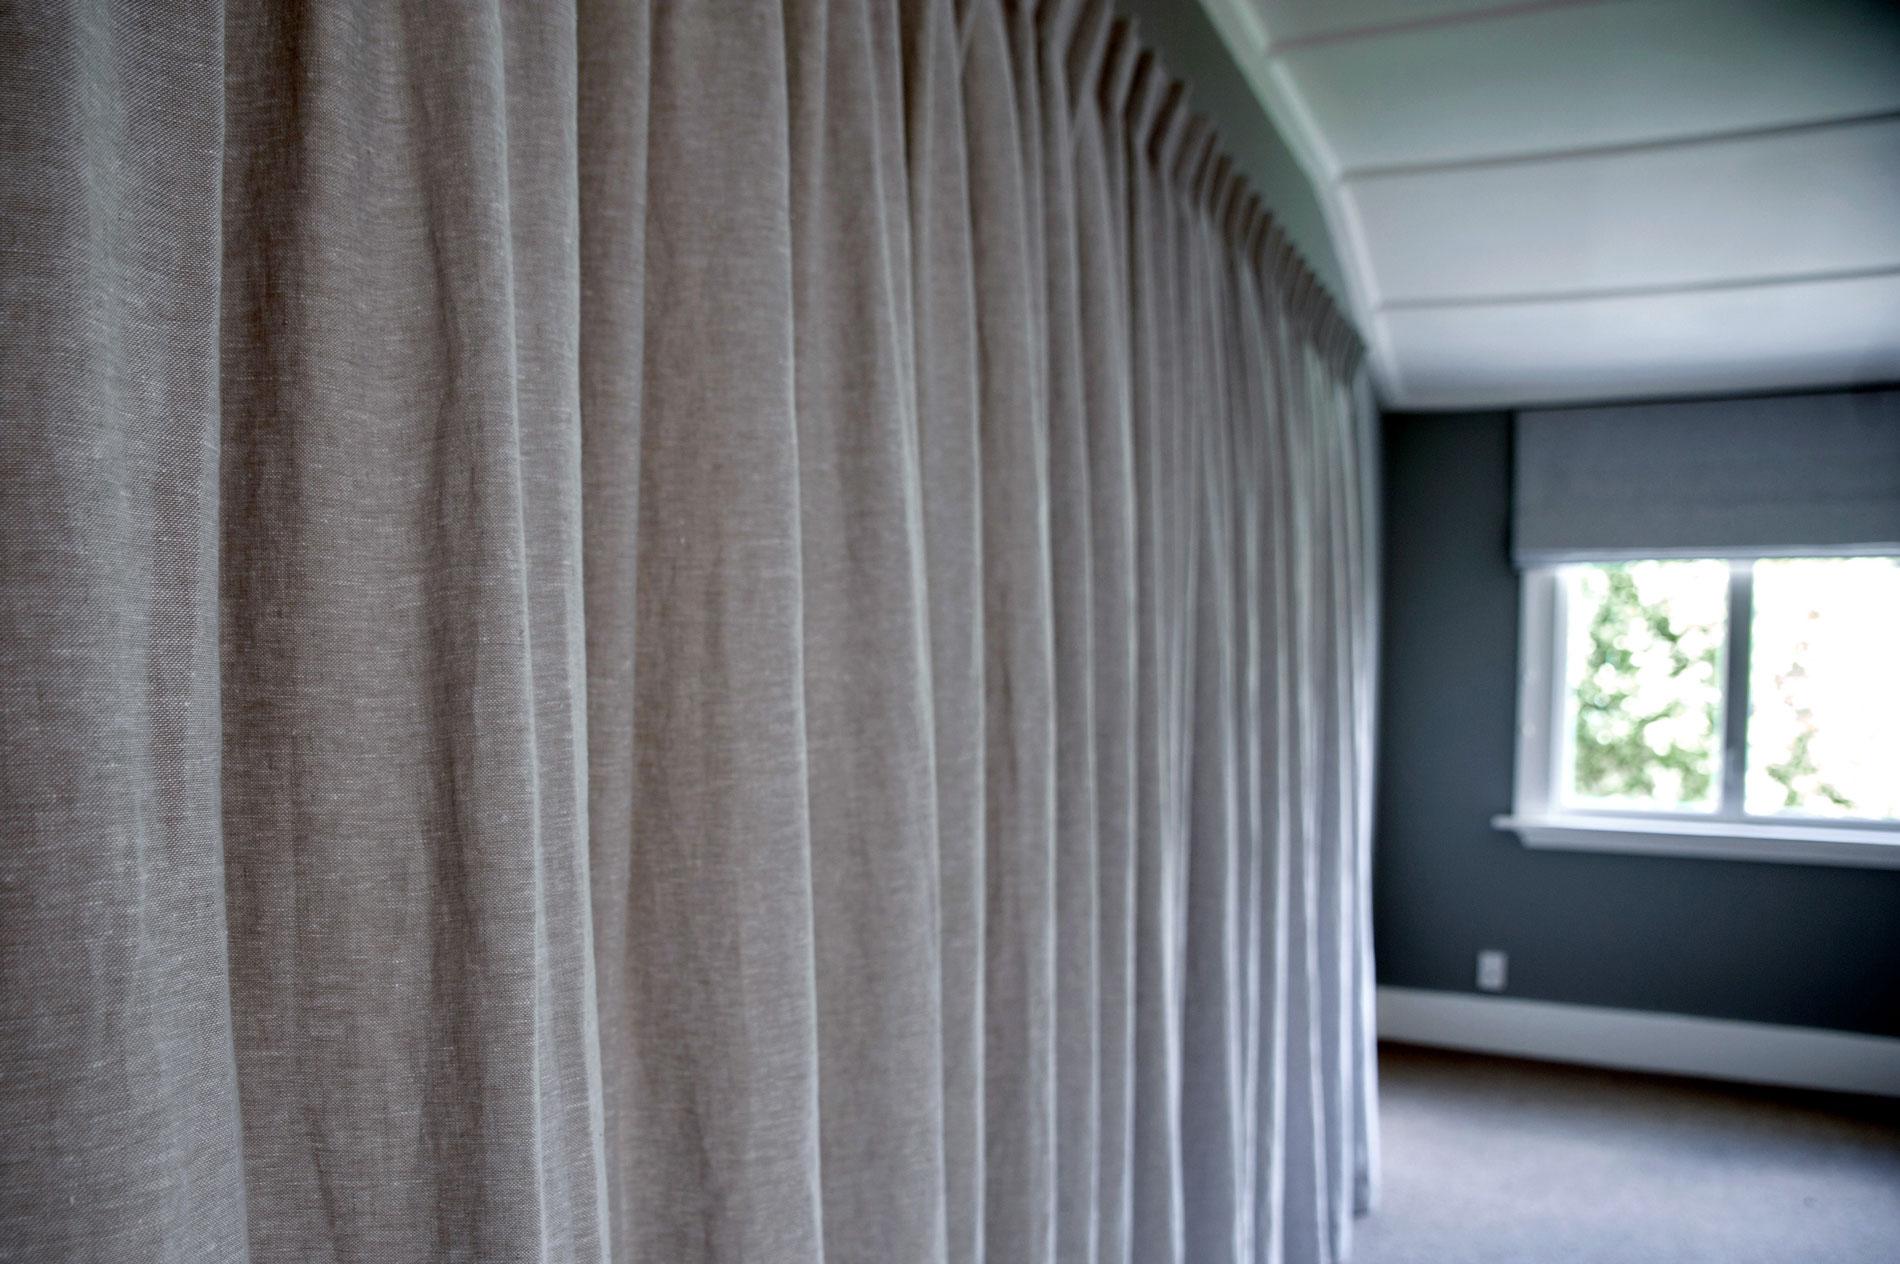 Merivale Villa - Master Bedroom